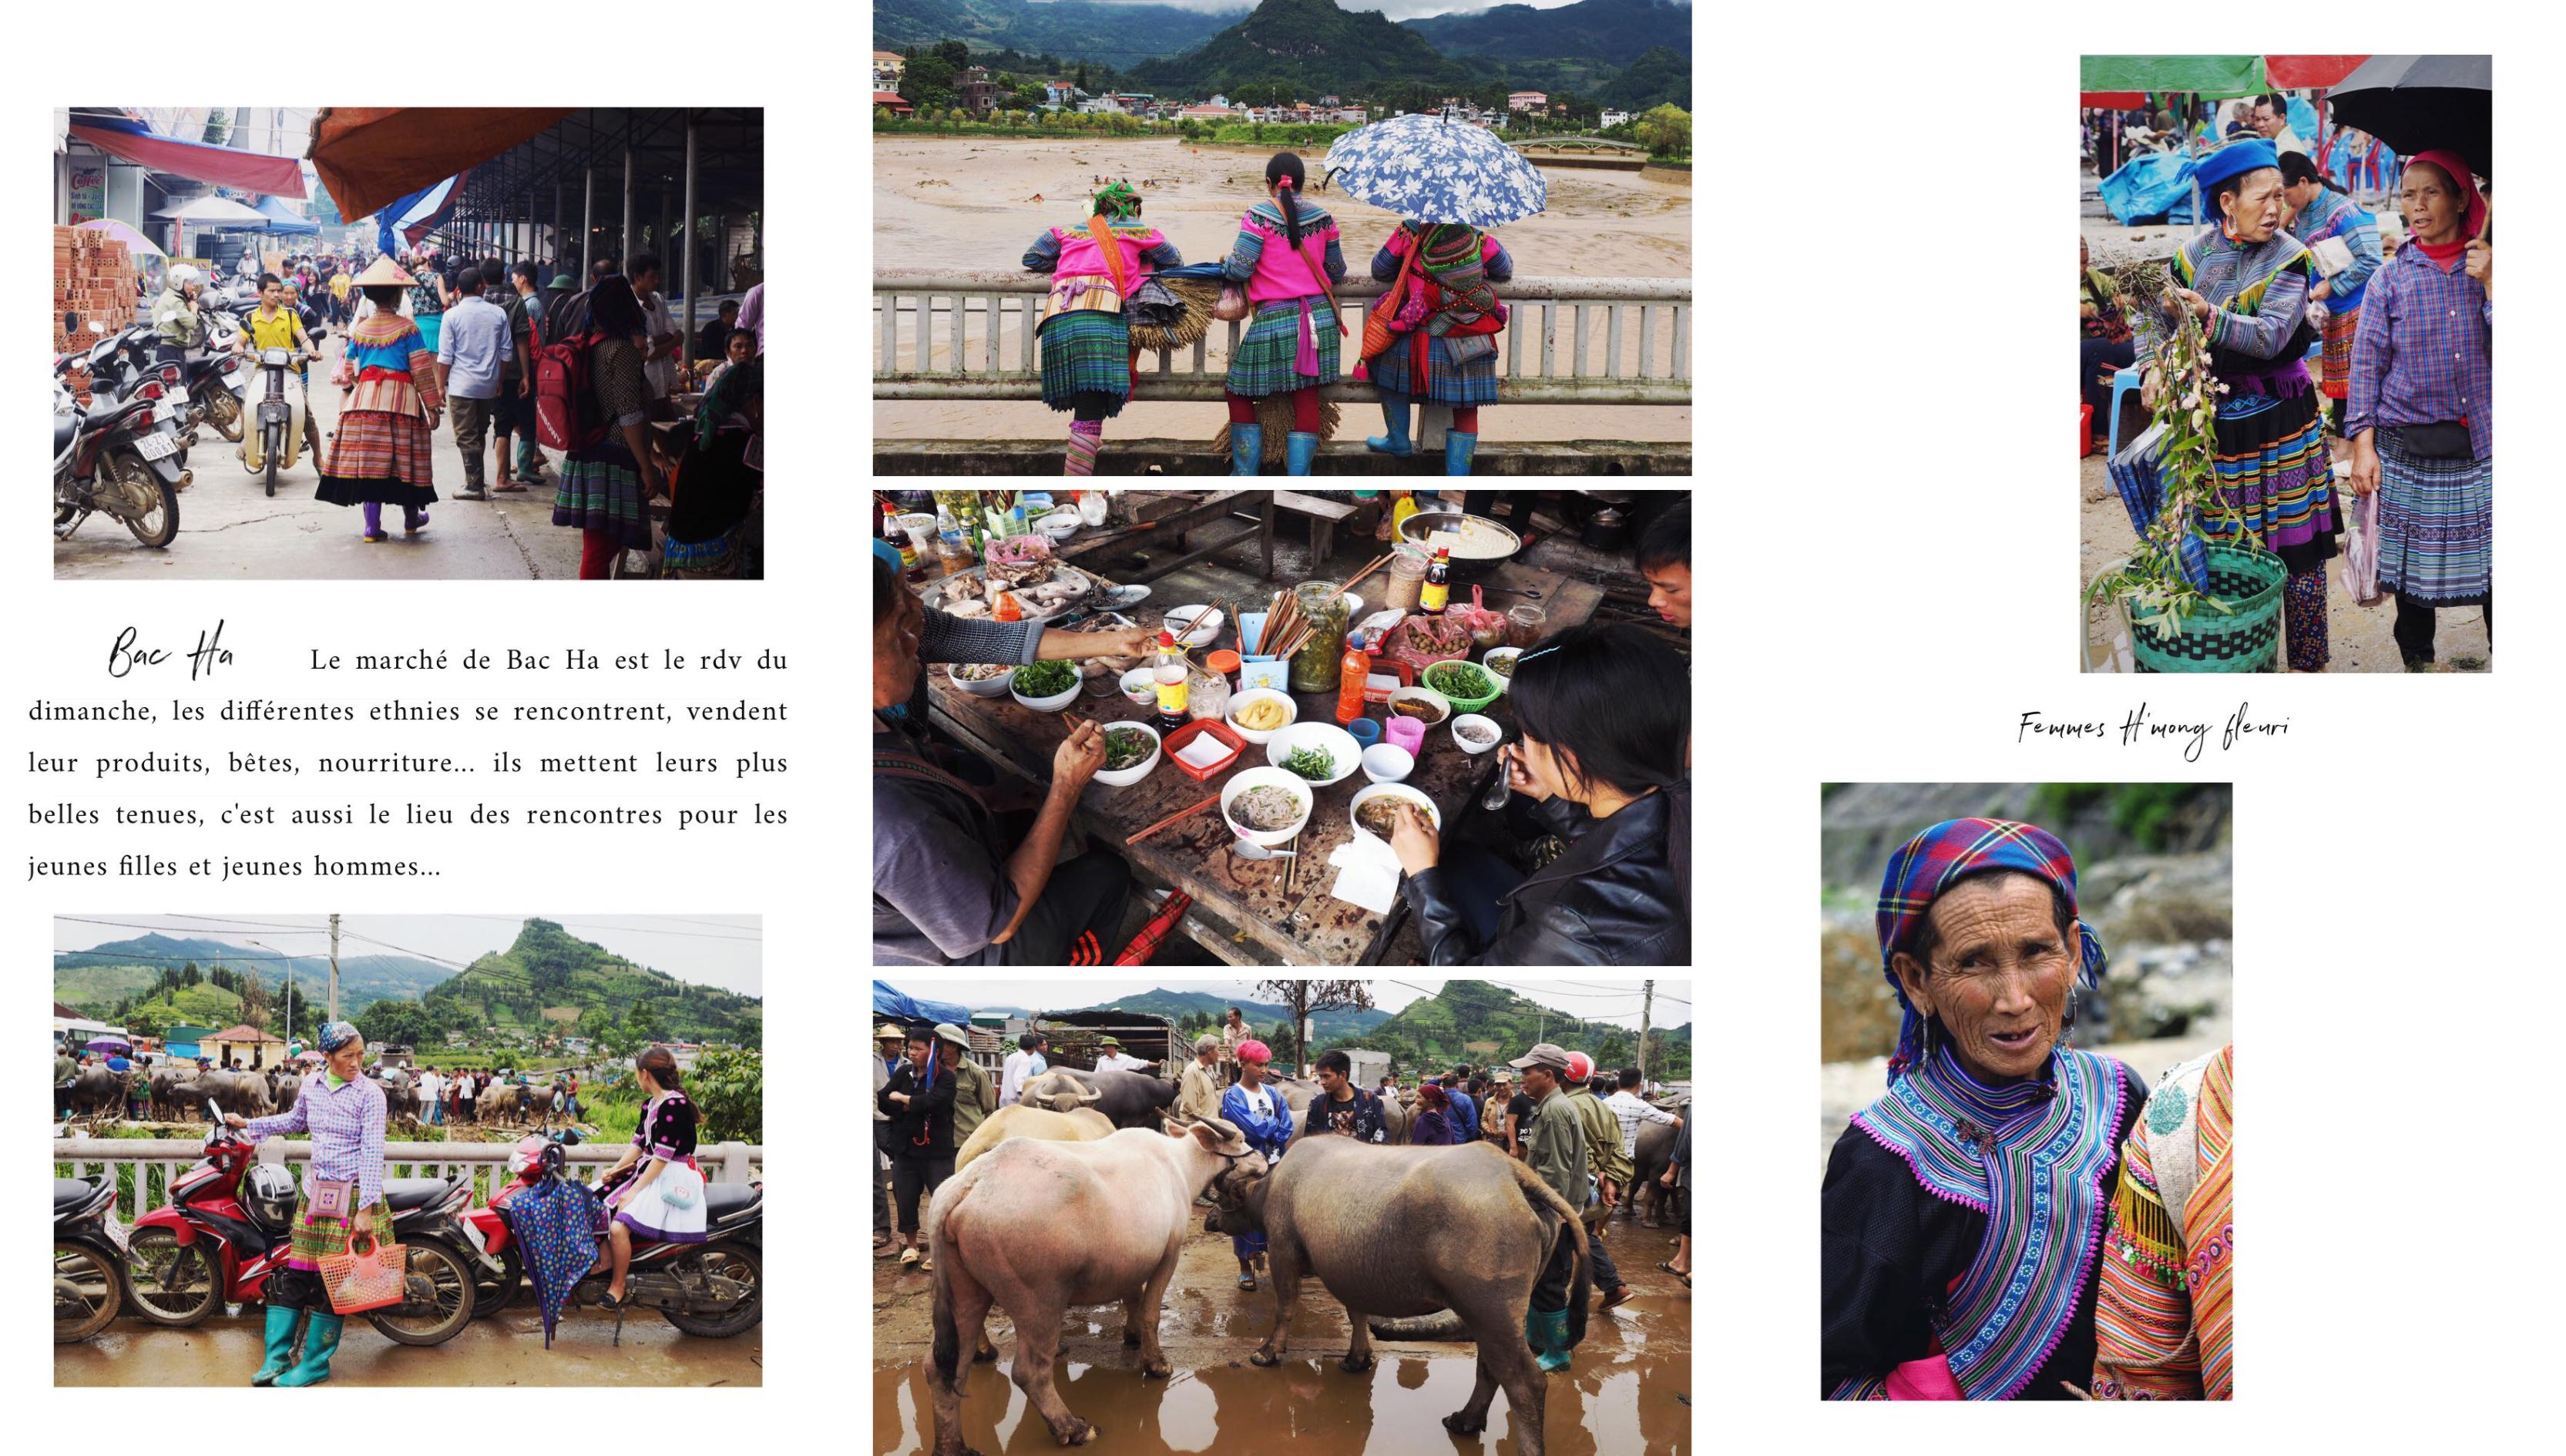 vietnam - montagnes du nord - ethnies minoritaires - asie - marché de Bac Ha